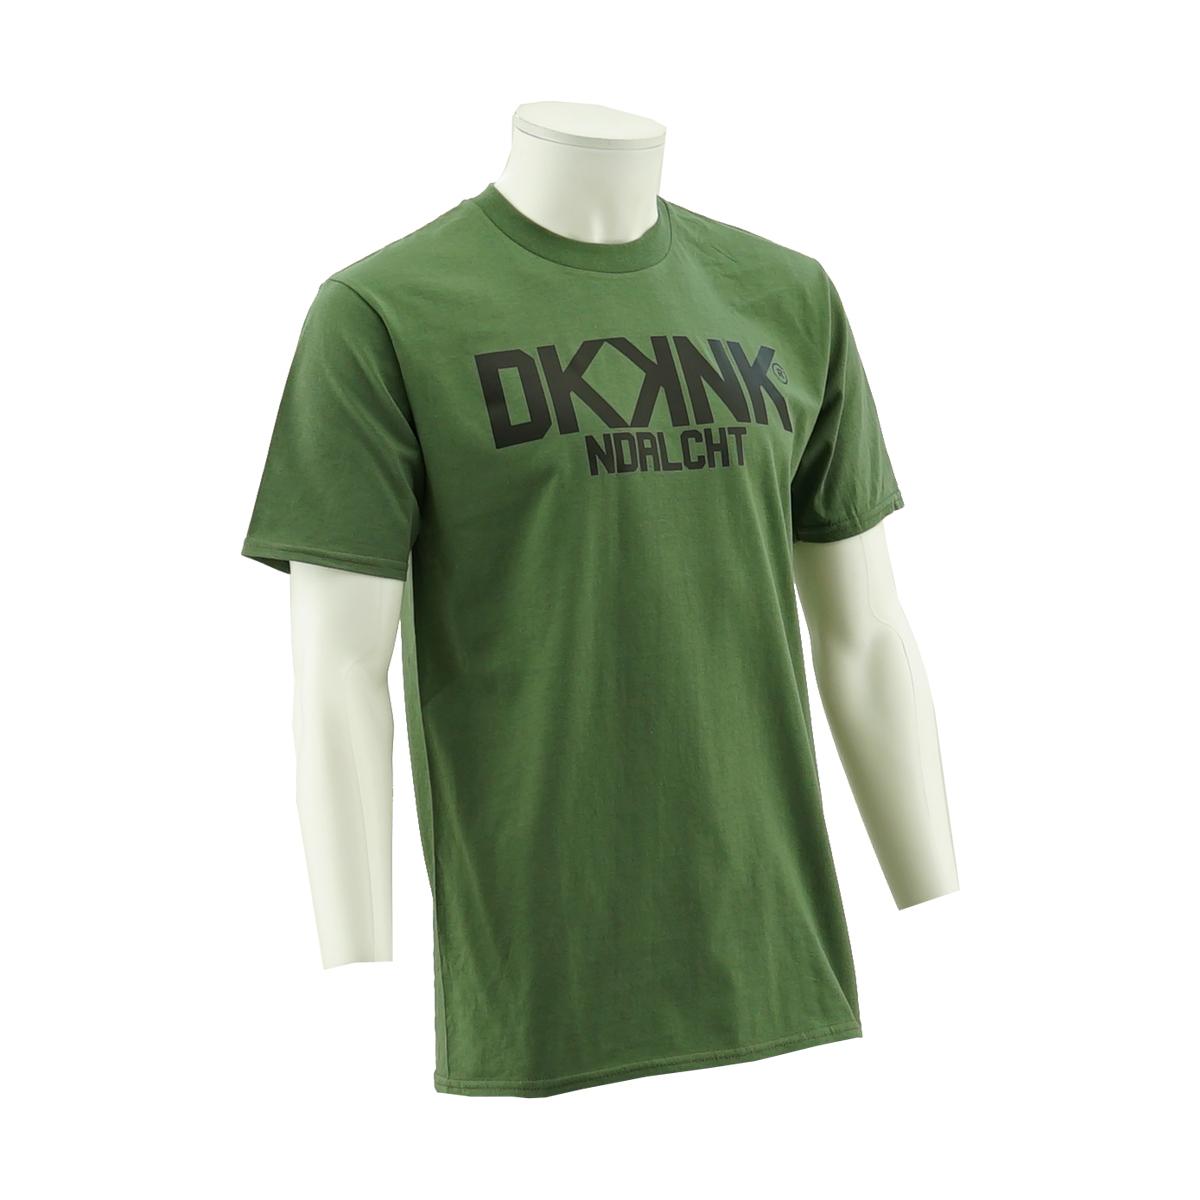 RSCA T-Shirt Mauff DKKNK